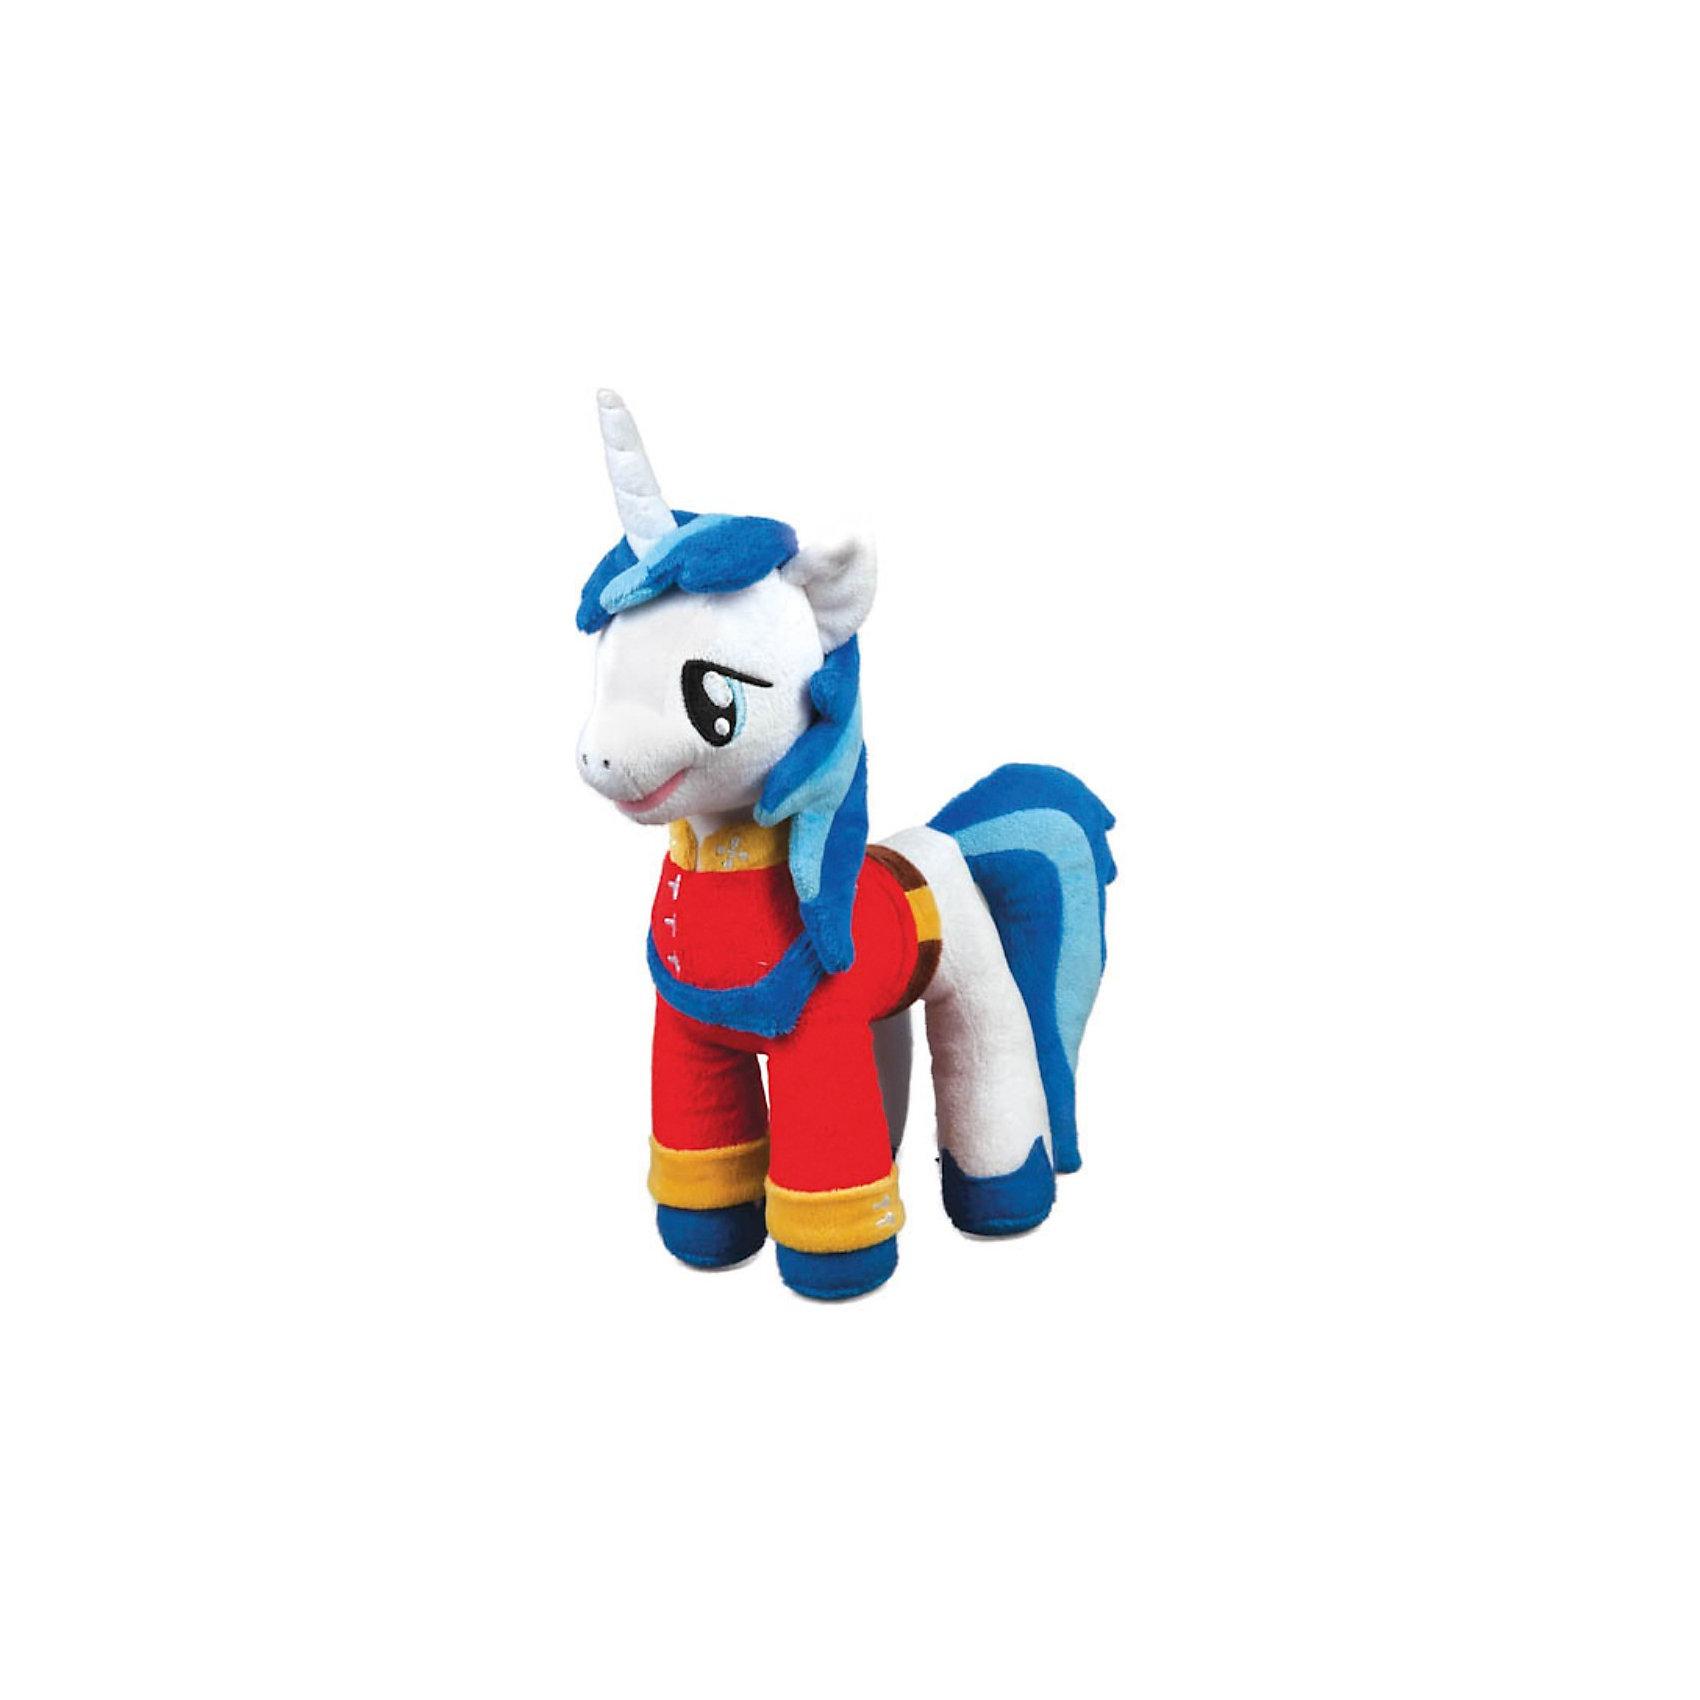 Пони Принц Армор, со звуком, My little Pony, МУЛЬТИ-ПУЛЬТИМягкая игрушка Пони Принц Армор, My little Pony (Моя маленькая Пони) от Мульти-Пульти станет замечательным подарком для Вашего ребенка. Принц Армор - один из персонажей популярного мультсериала Мой маленький пони (My Little Pony) о<br>сказочном городке Понивилле населенном волшебными очаровательными пони. Внешний вид игрушки полностью соответствует своему персонажу: пони принц одет в красный праздничный наряд, у него роскошная синяя грива и большие добрые глаза. Лошадка озвучена: произносит фразы и поет песенки из мультфильма.<br><br>Дополнительная информация:<br><br>- Материал: текстиль, синтепон.<br>- Требуются батарейки (входят в комплект).<br>- Высота лошадки: 25 см.<br>- Размер упаковки: 10 x 28 x 13 см.<br>- Вес: 0,28 кг.<br><br>Мягкую игрушку Пони Принц Армор, My little Pony, Мульти-Пульти можно купить в нашем интернет-магазине.<br><br>Ширина мм: 270<br>Глубина мм: 120<br>Высота мм: 430<br>Вес г: 290<br>Возраст от месяцев: 6<br>Возраст до месяцев: 60<br>Пол: Женский<br>Возраст: Детский<br>SKU: 3778117